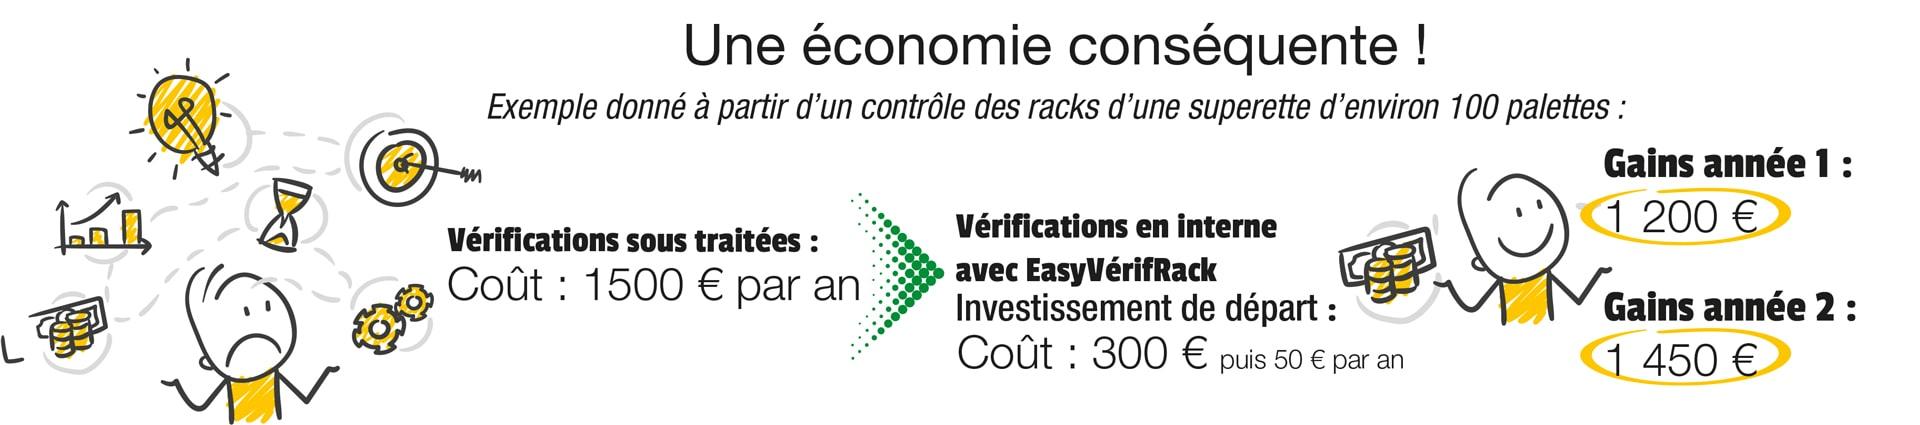 Explications du gain financier apporté par l'application EasyVérifRack